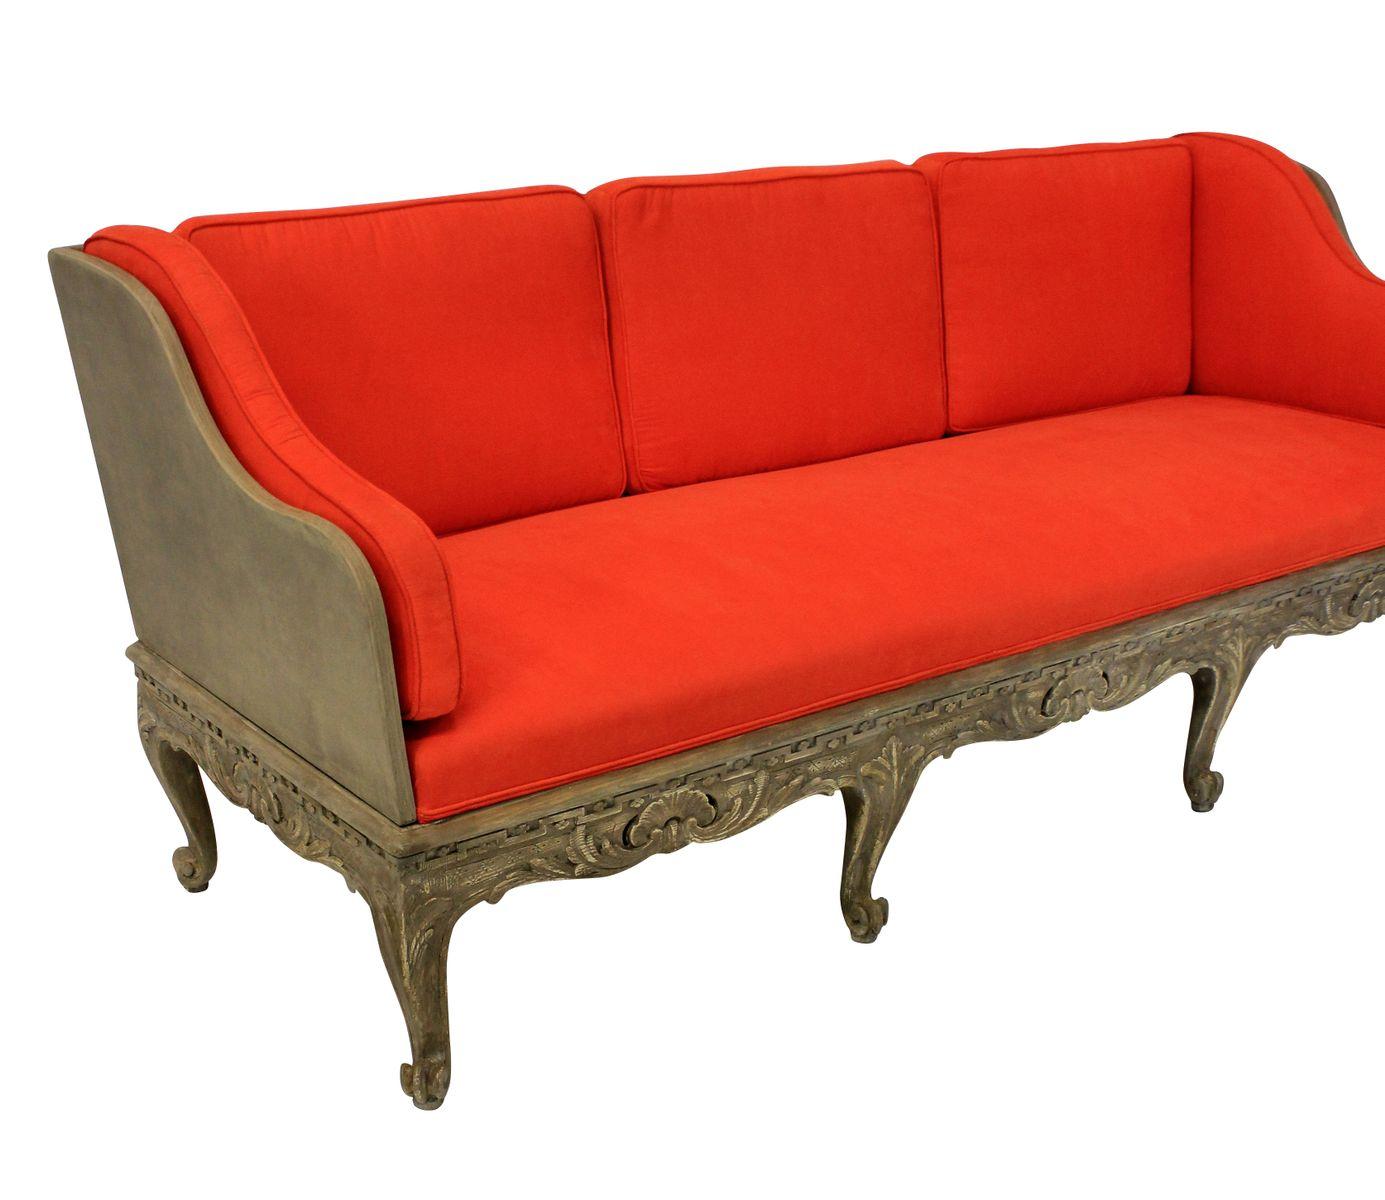 gro es schwedisches schlafsofa mit geschnitztem bemaltem gestell bei pamono kaufen. Black Bedroom Furniture Sets. Home Design Ideas